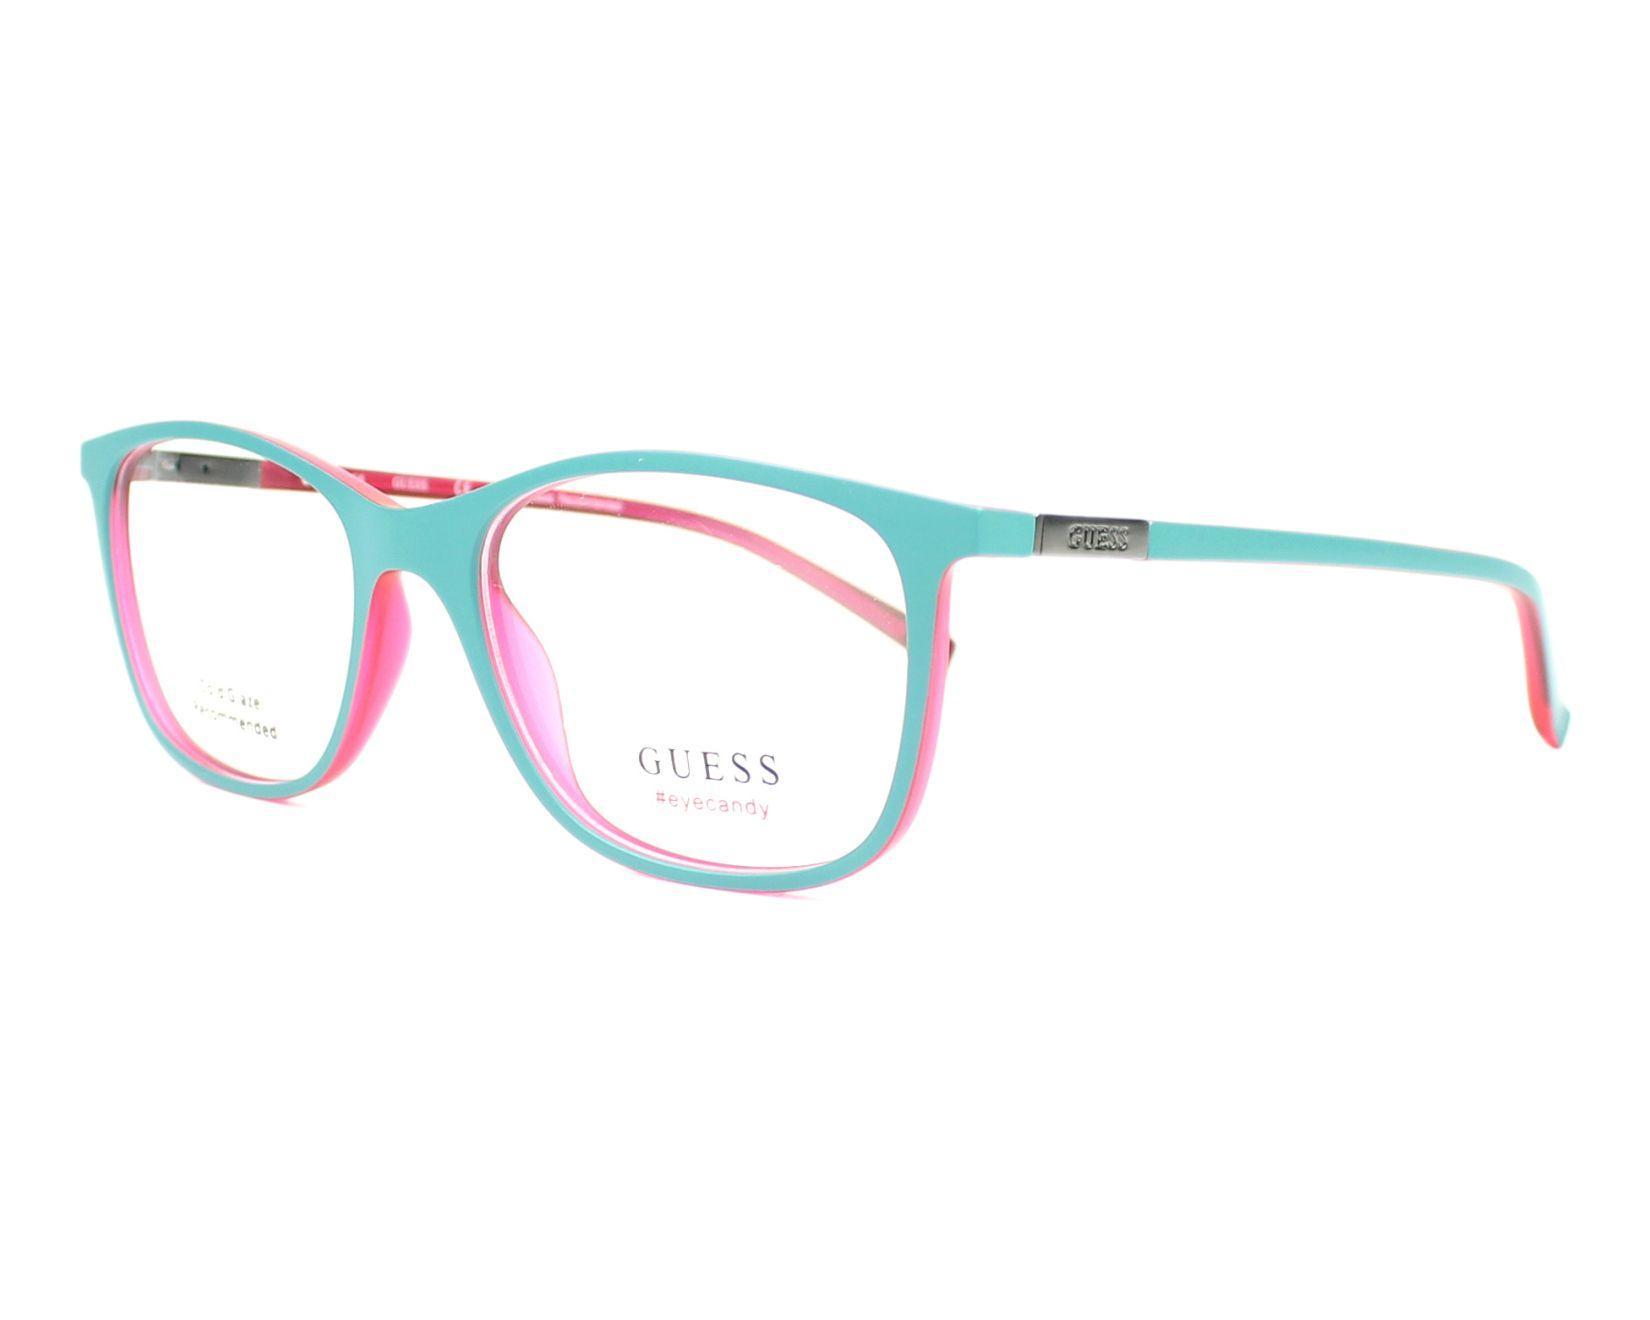 Guess Brillen online bestellen - Bis 50% sparen - Visionet